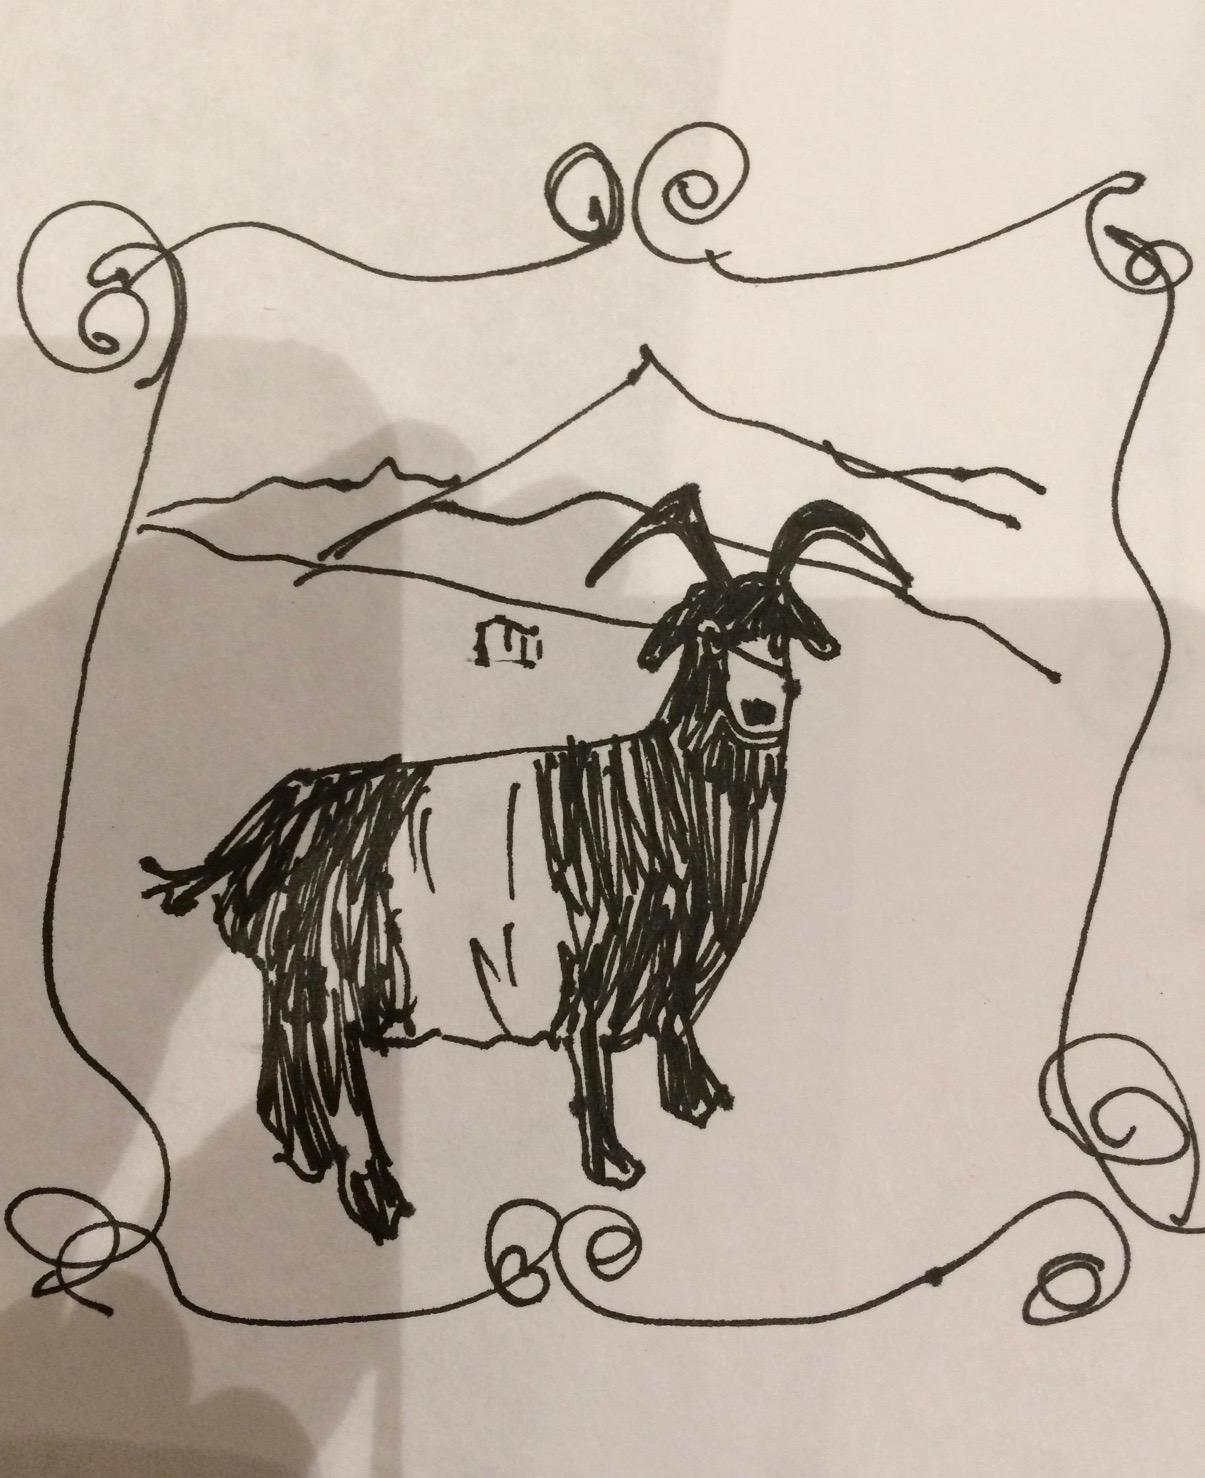 Hope's original goat sketch